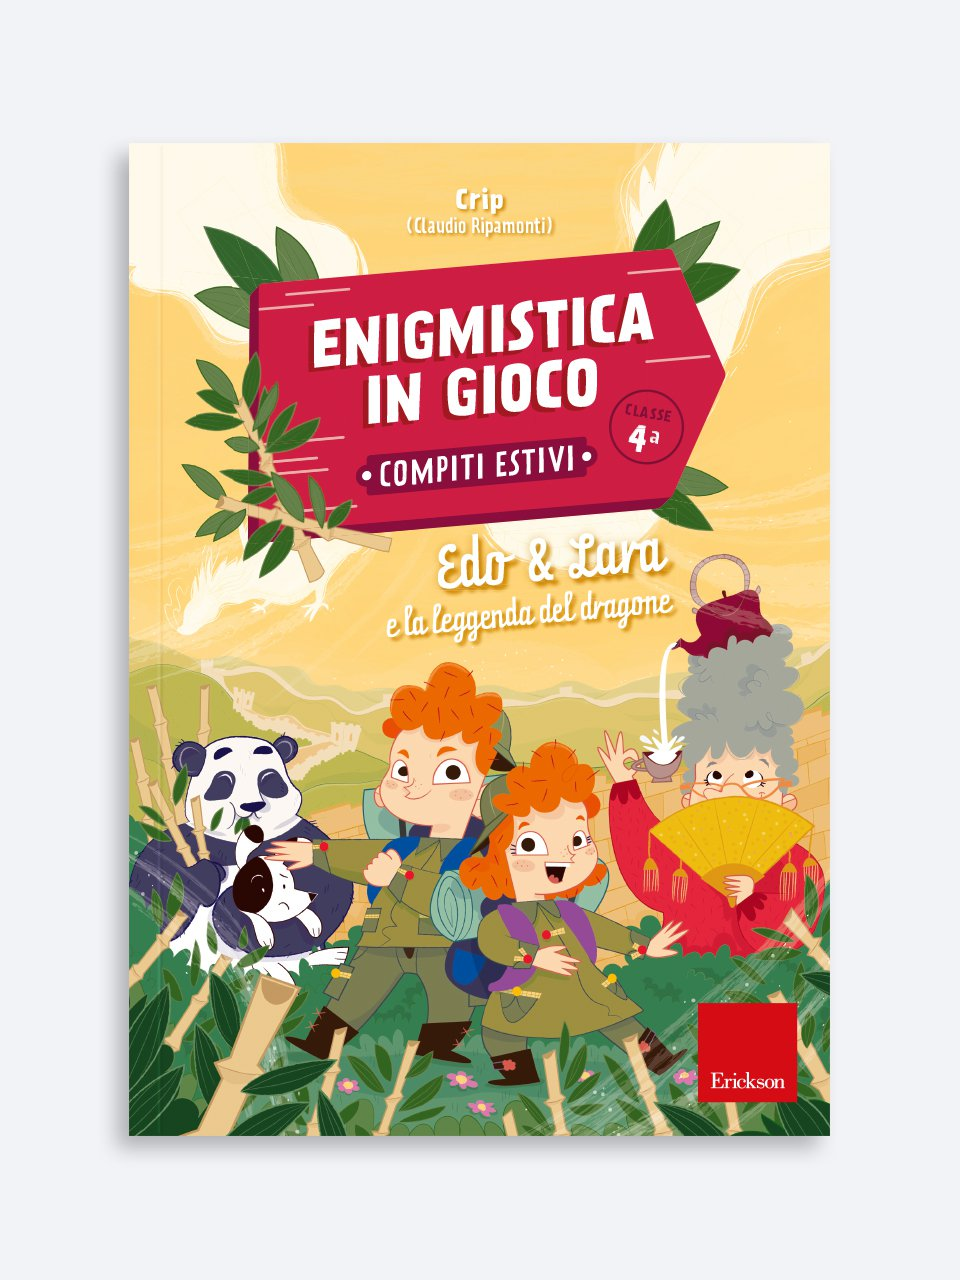 Enigmistica in gioco -  Compiti estivi - Classe quarta - Le proposte Erickson per i compiti-delle-vacanze - Erickson